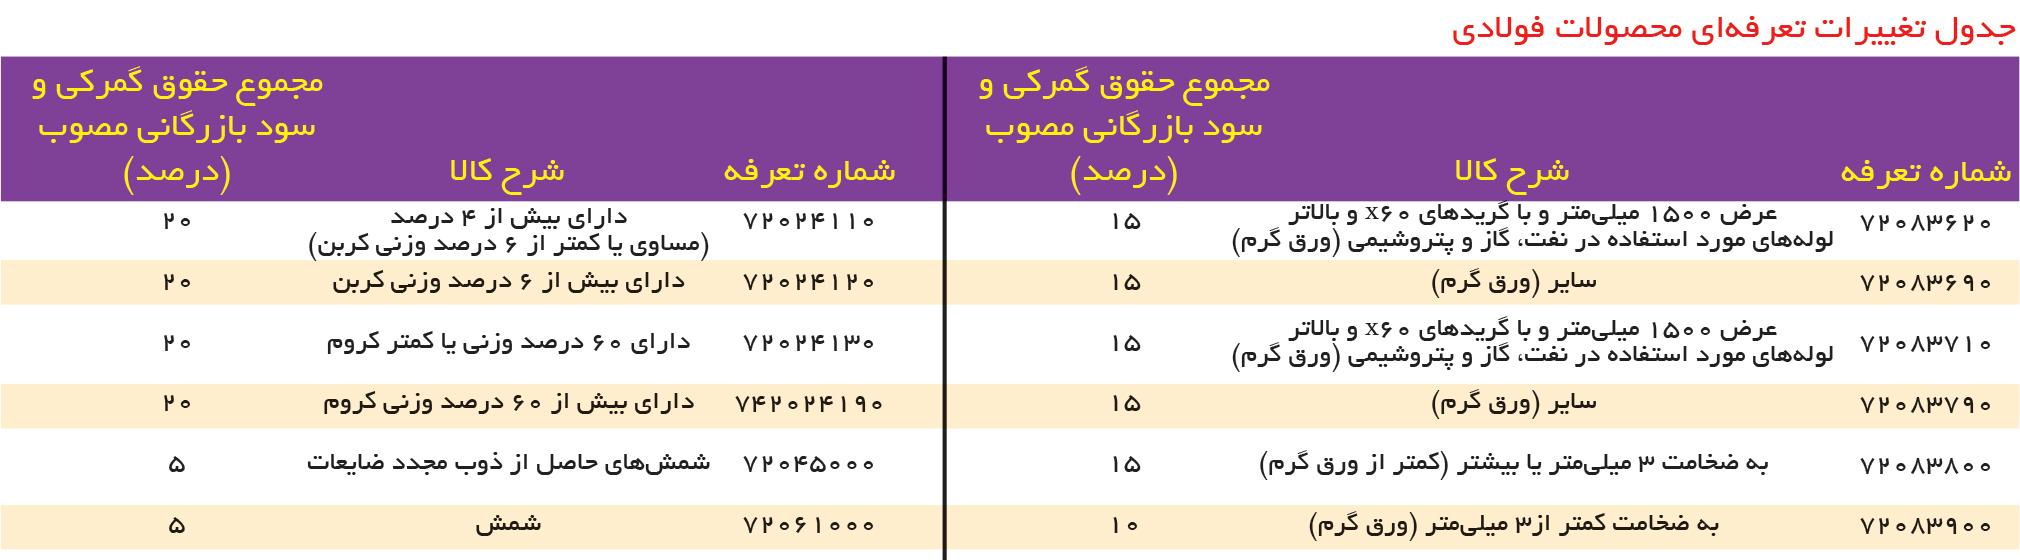 تجارت فردا- جدول تغییرات تعرفهای محصولات فولادی